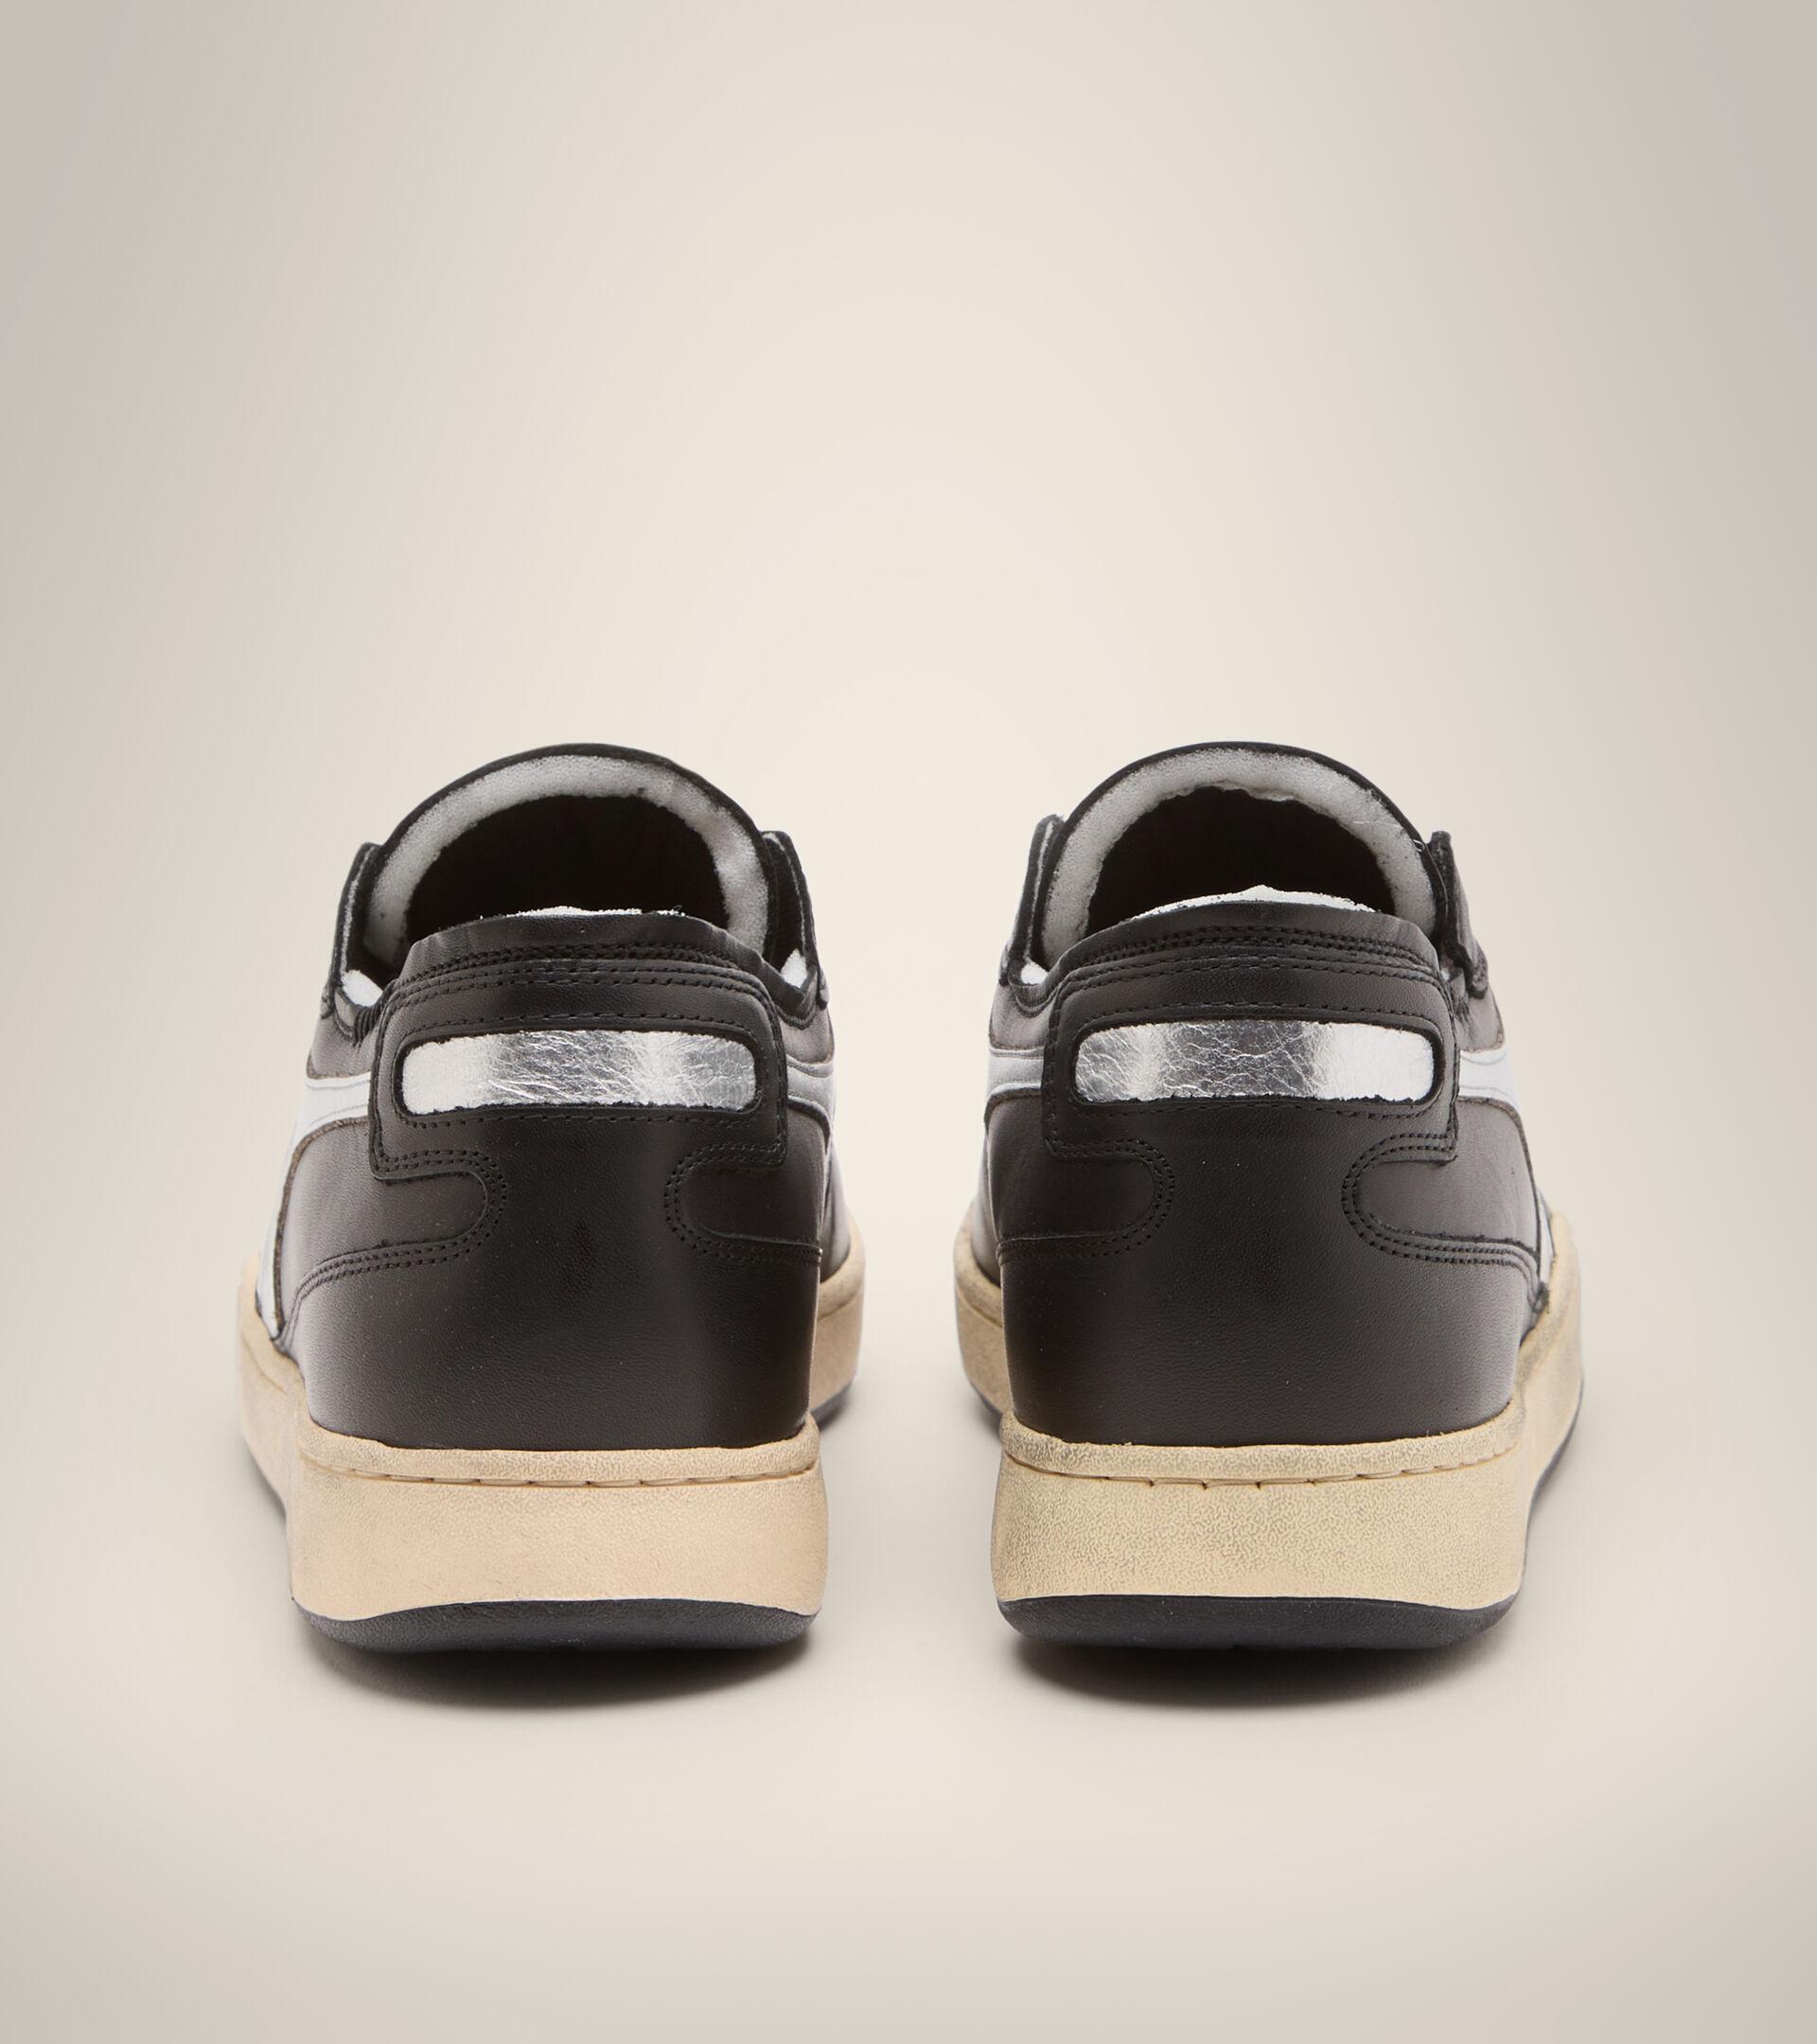 Zapatillas Heritage - Unisex MI BASKET ROW CUT NEW MOON NEGRO - Diadora